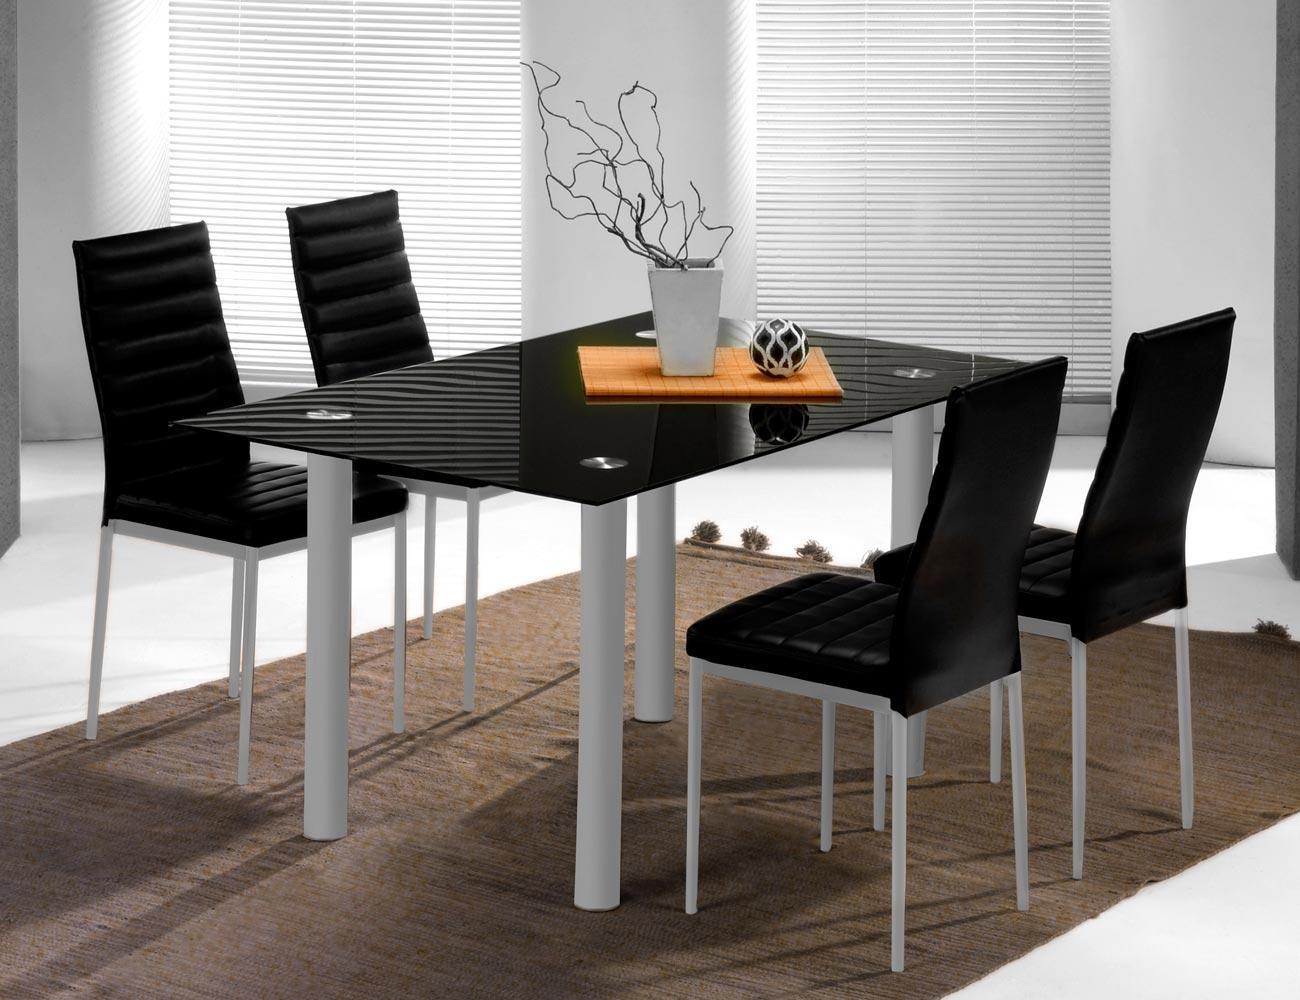 conjunto de mesa mas cuatro sillas en polipiel color negro